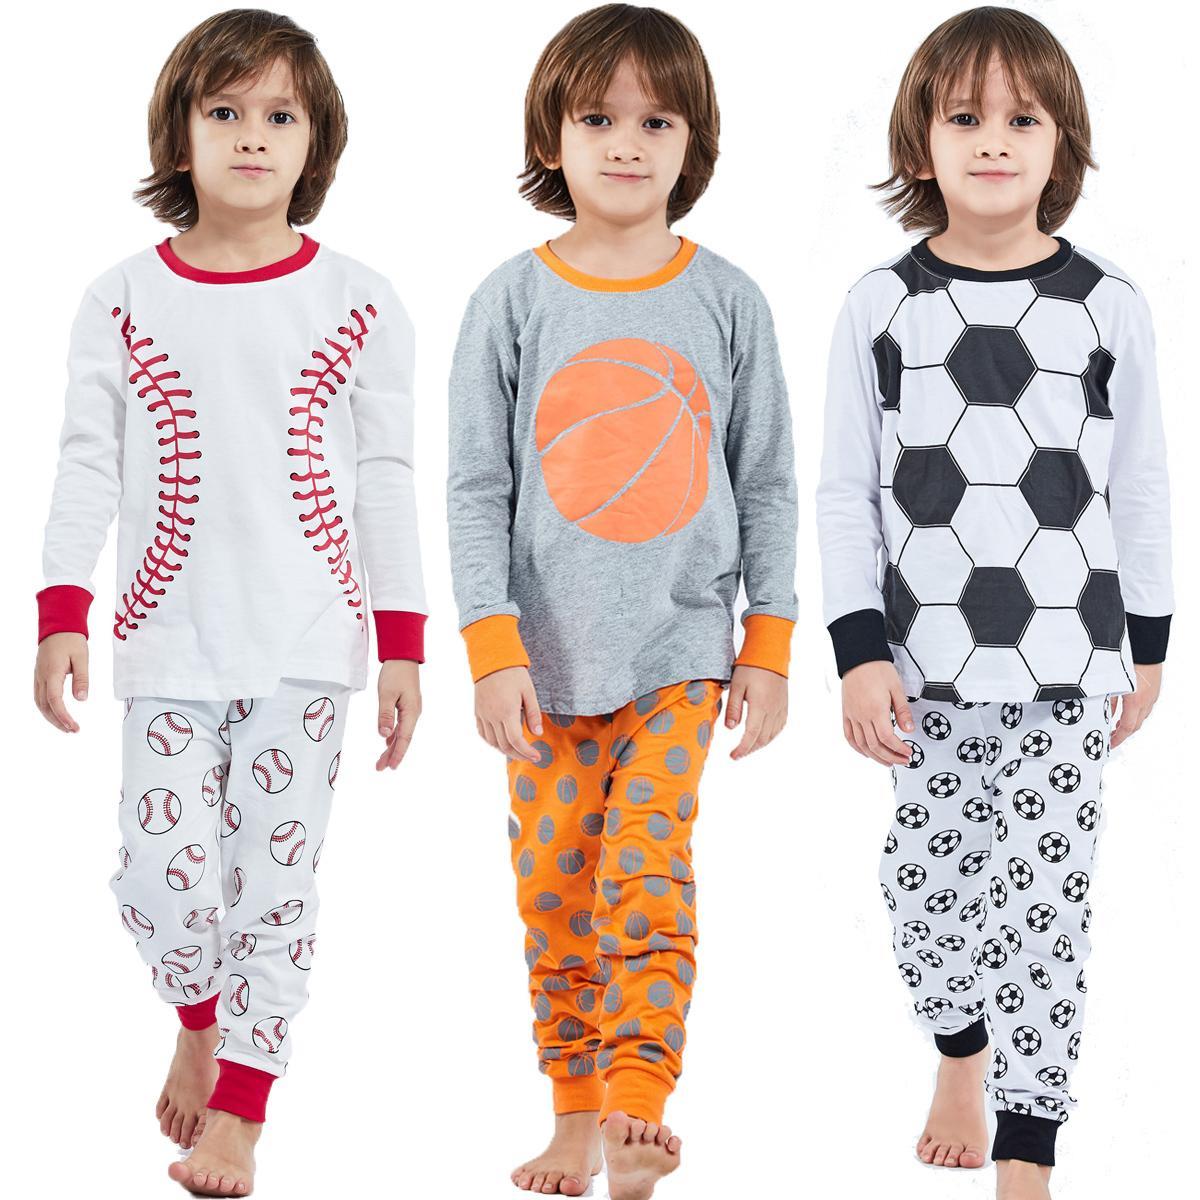 Pajamas дети мальчик одежда набор 100% хлопчатобумажные детские пижамы пижамы пижамы детский малыш спортивный баскетбол зима PJS 201225